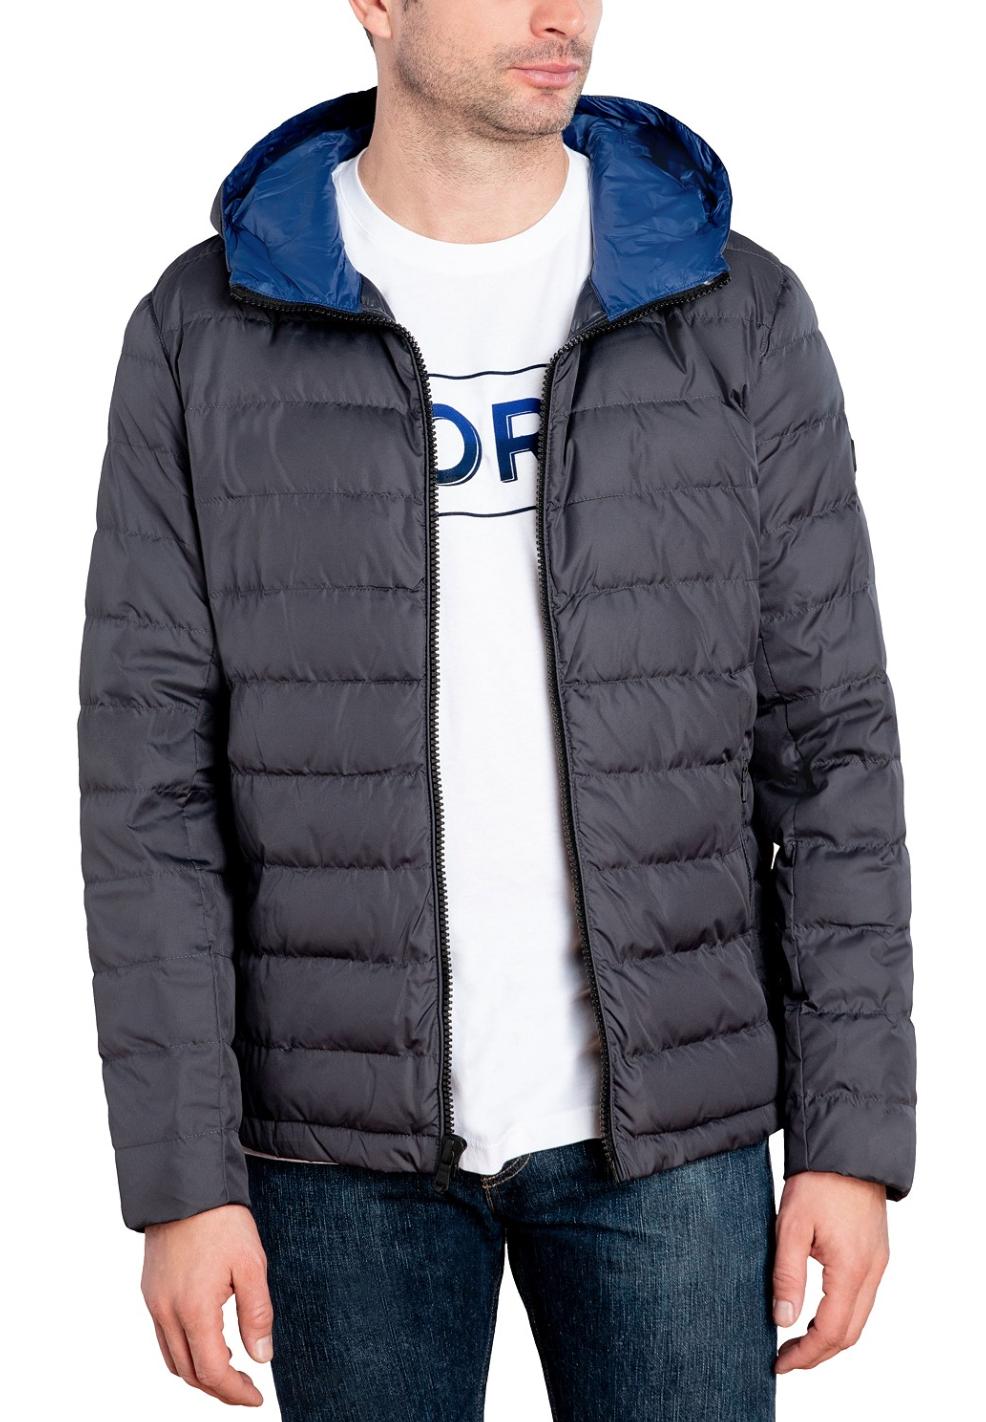 Macys coupon code mens coat